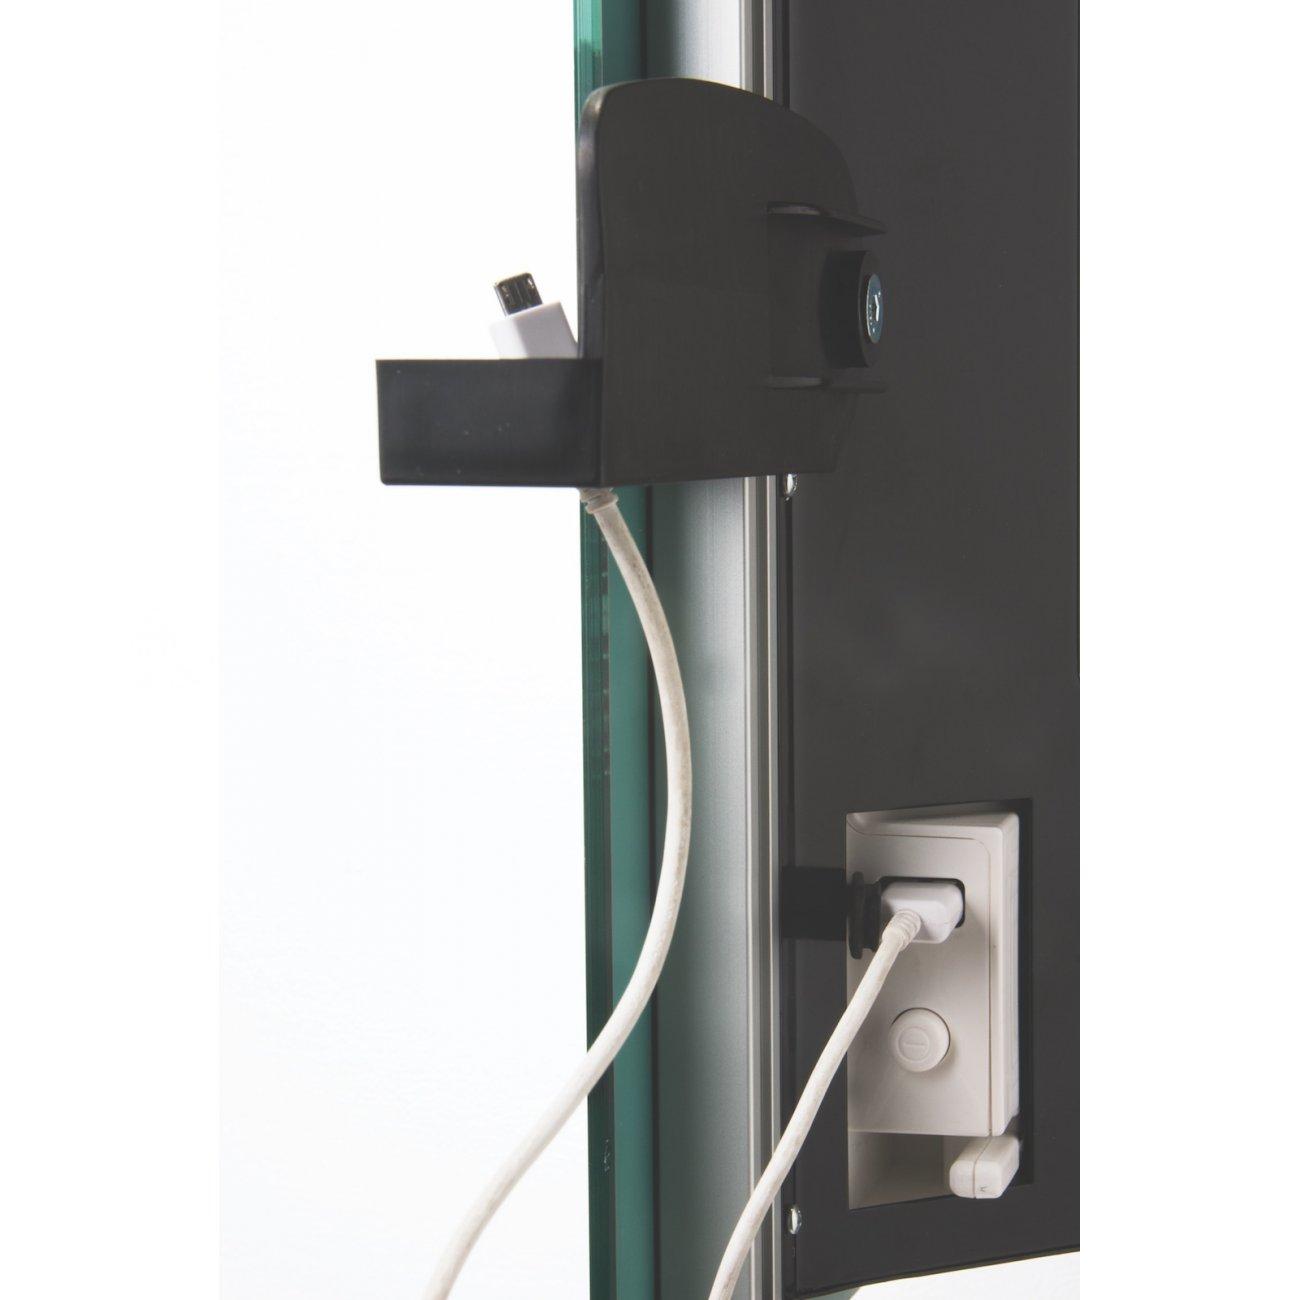 Spiegel infrarotheizung mit turbo funktion for Spiegel infrarotheizung